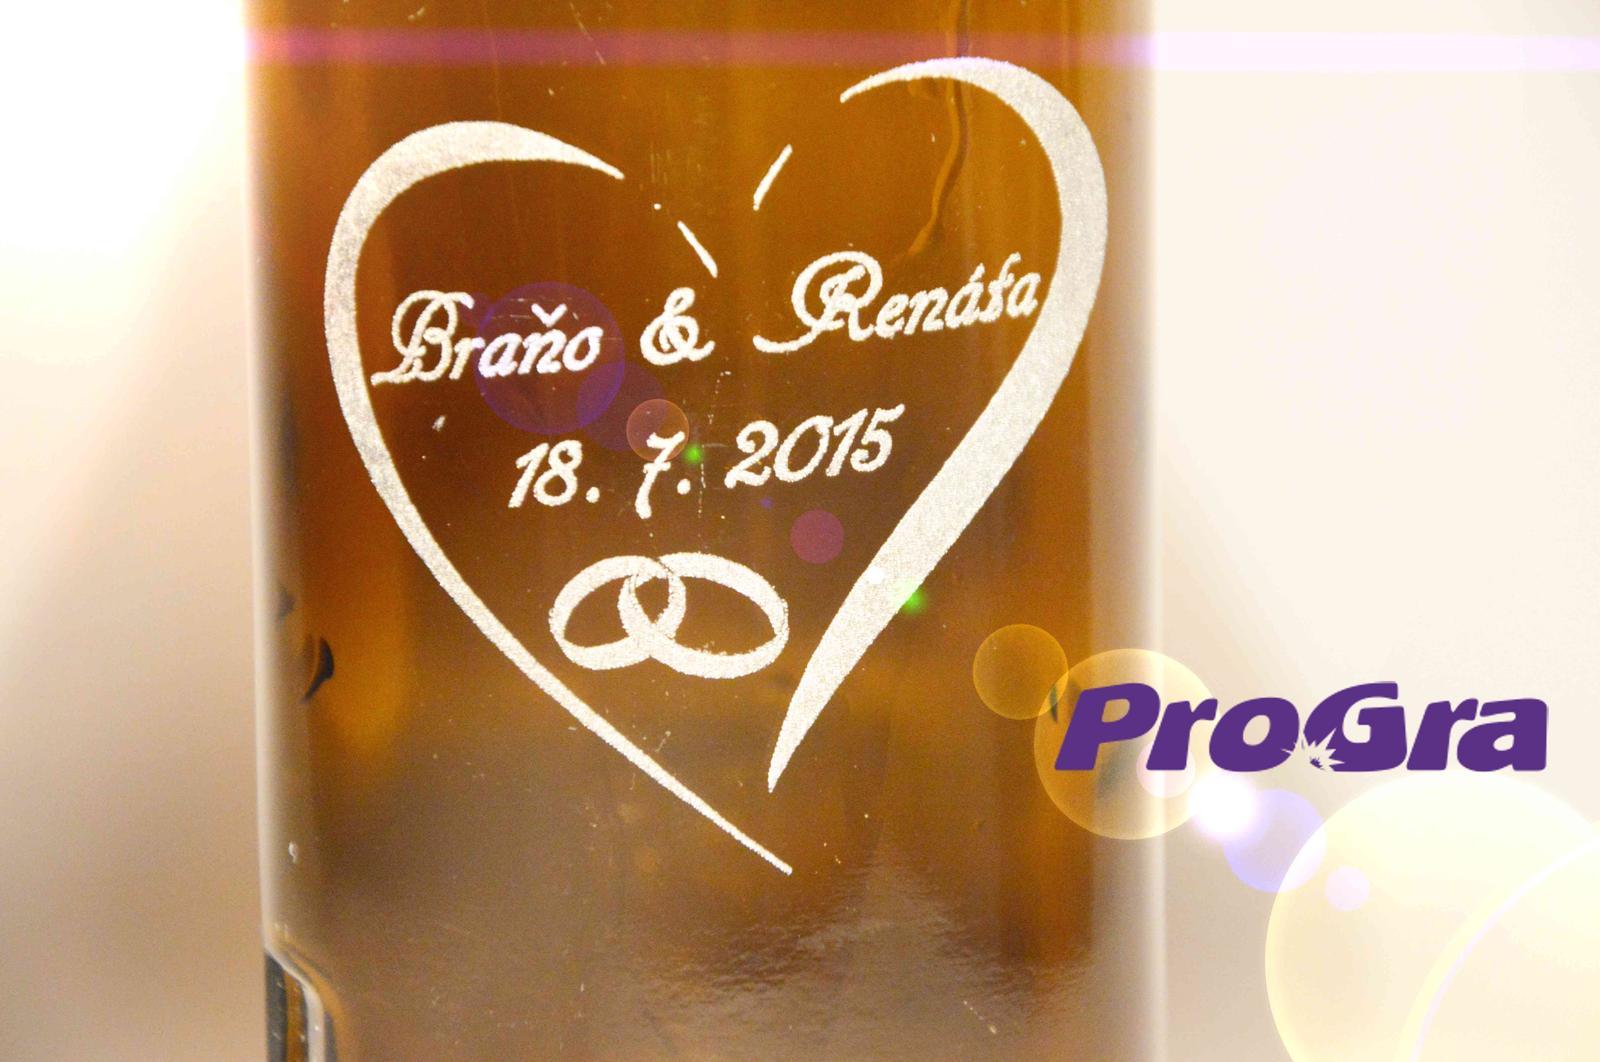 Originální Svatební Doplňky - Gravírování přinesených lahví na výslužky od ProGra